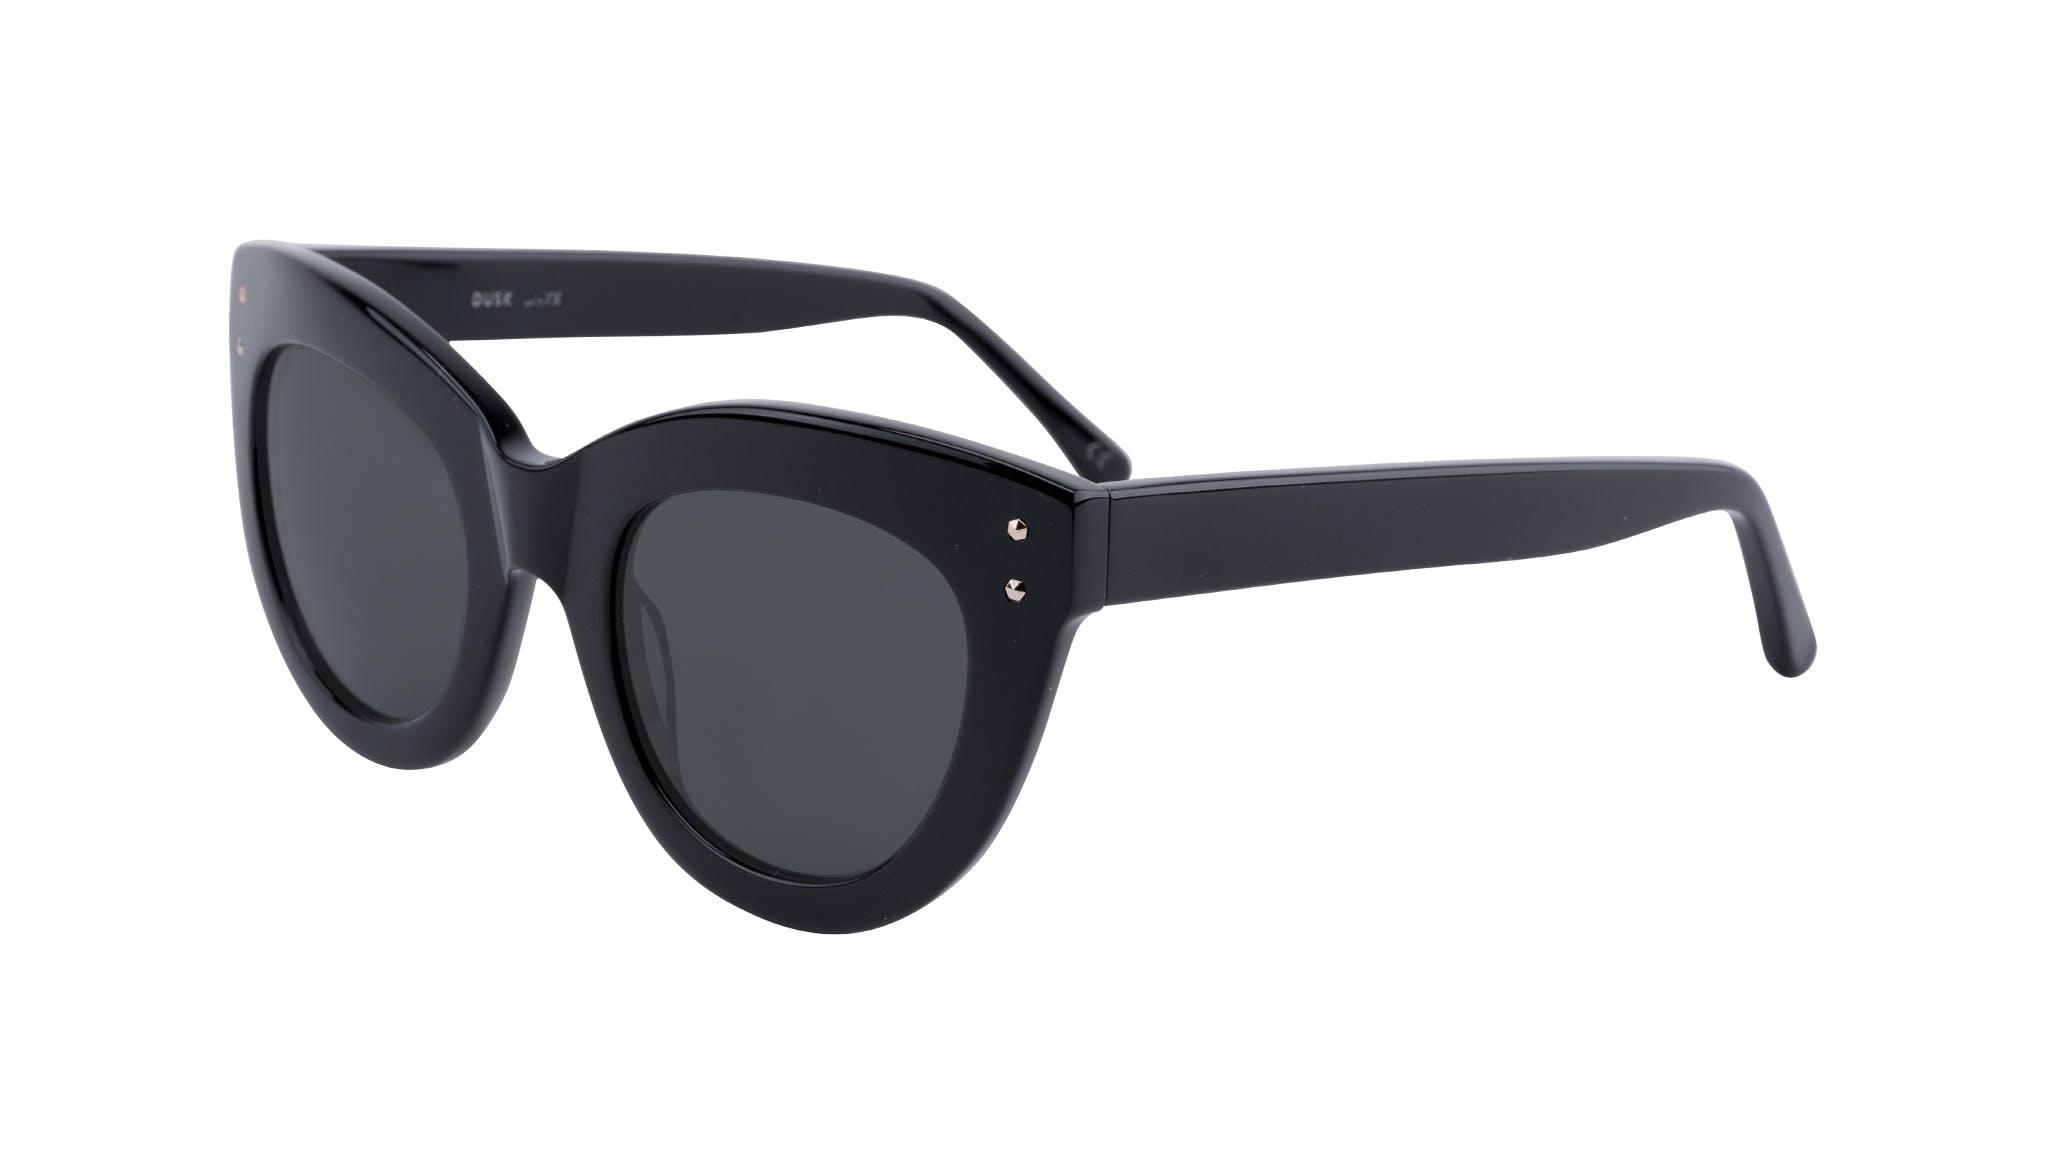 Affordable Fashion Glasses Cat Eye Sunglasses Women Dusk Onyx Tilt